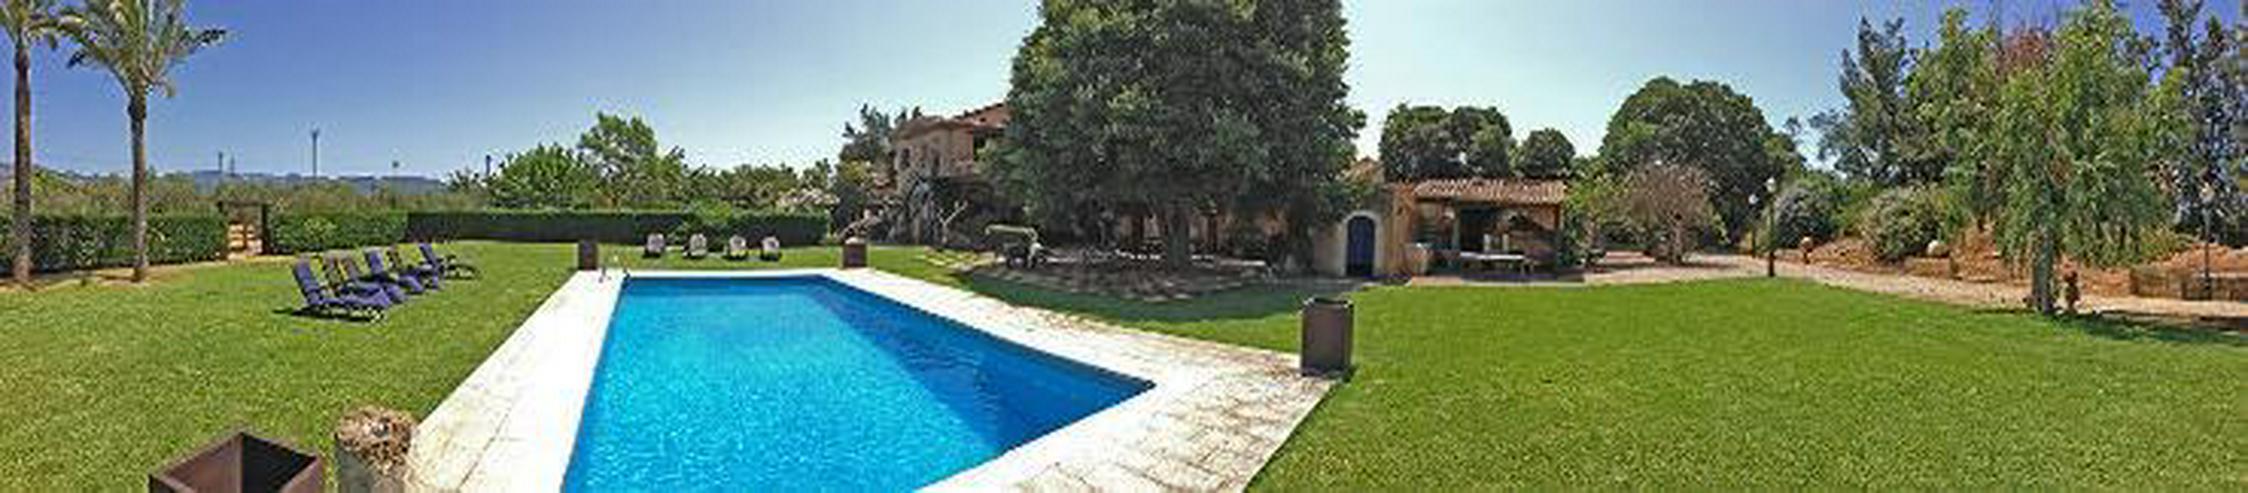 Wunderschöne Finca mit sämtlichen Extras nähe Palma - Gewerbeimmobilie kaufen - Bild 1